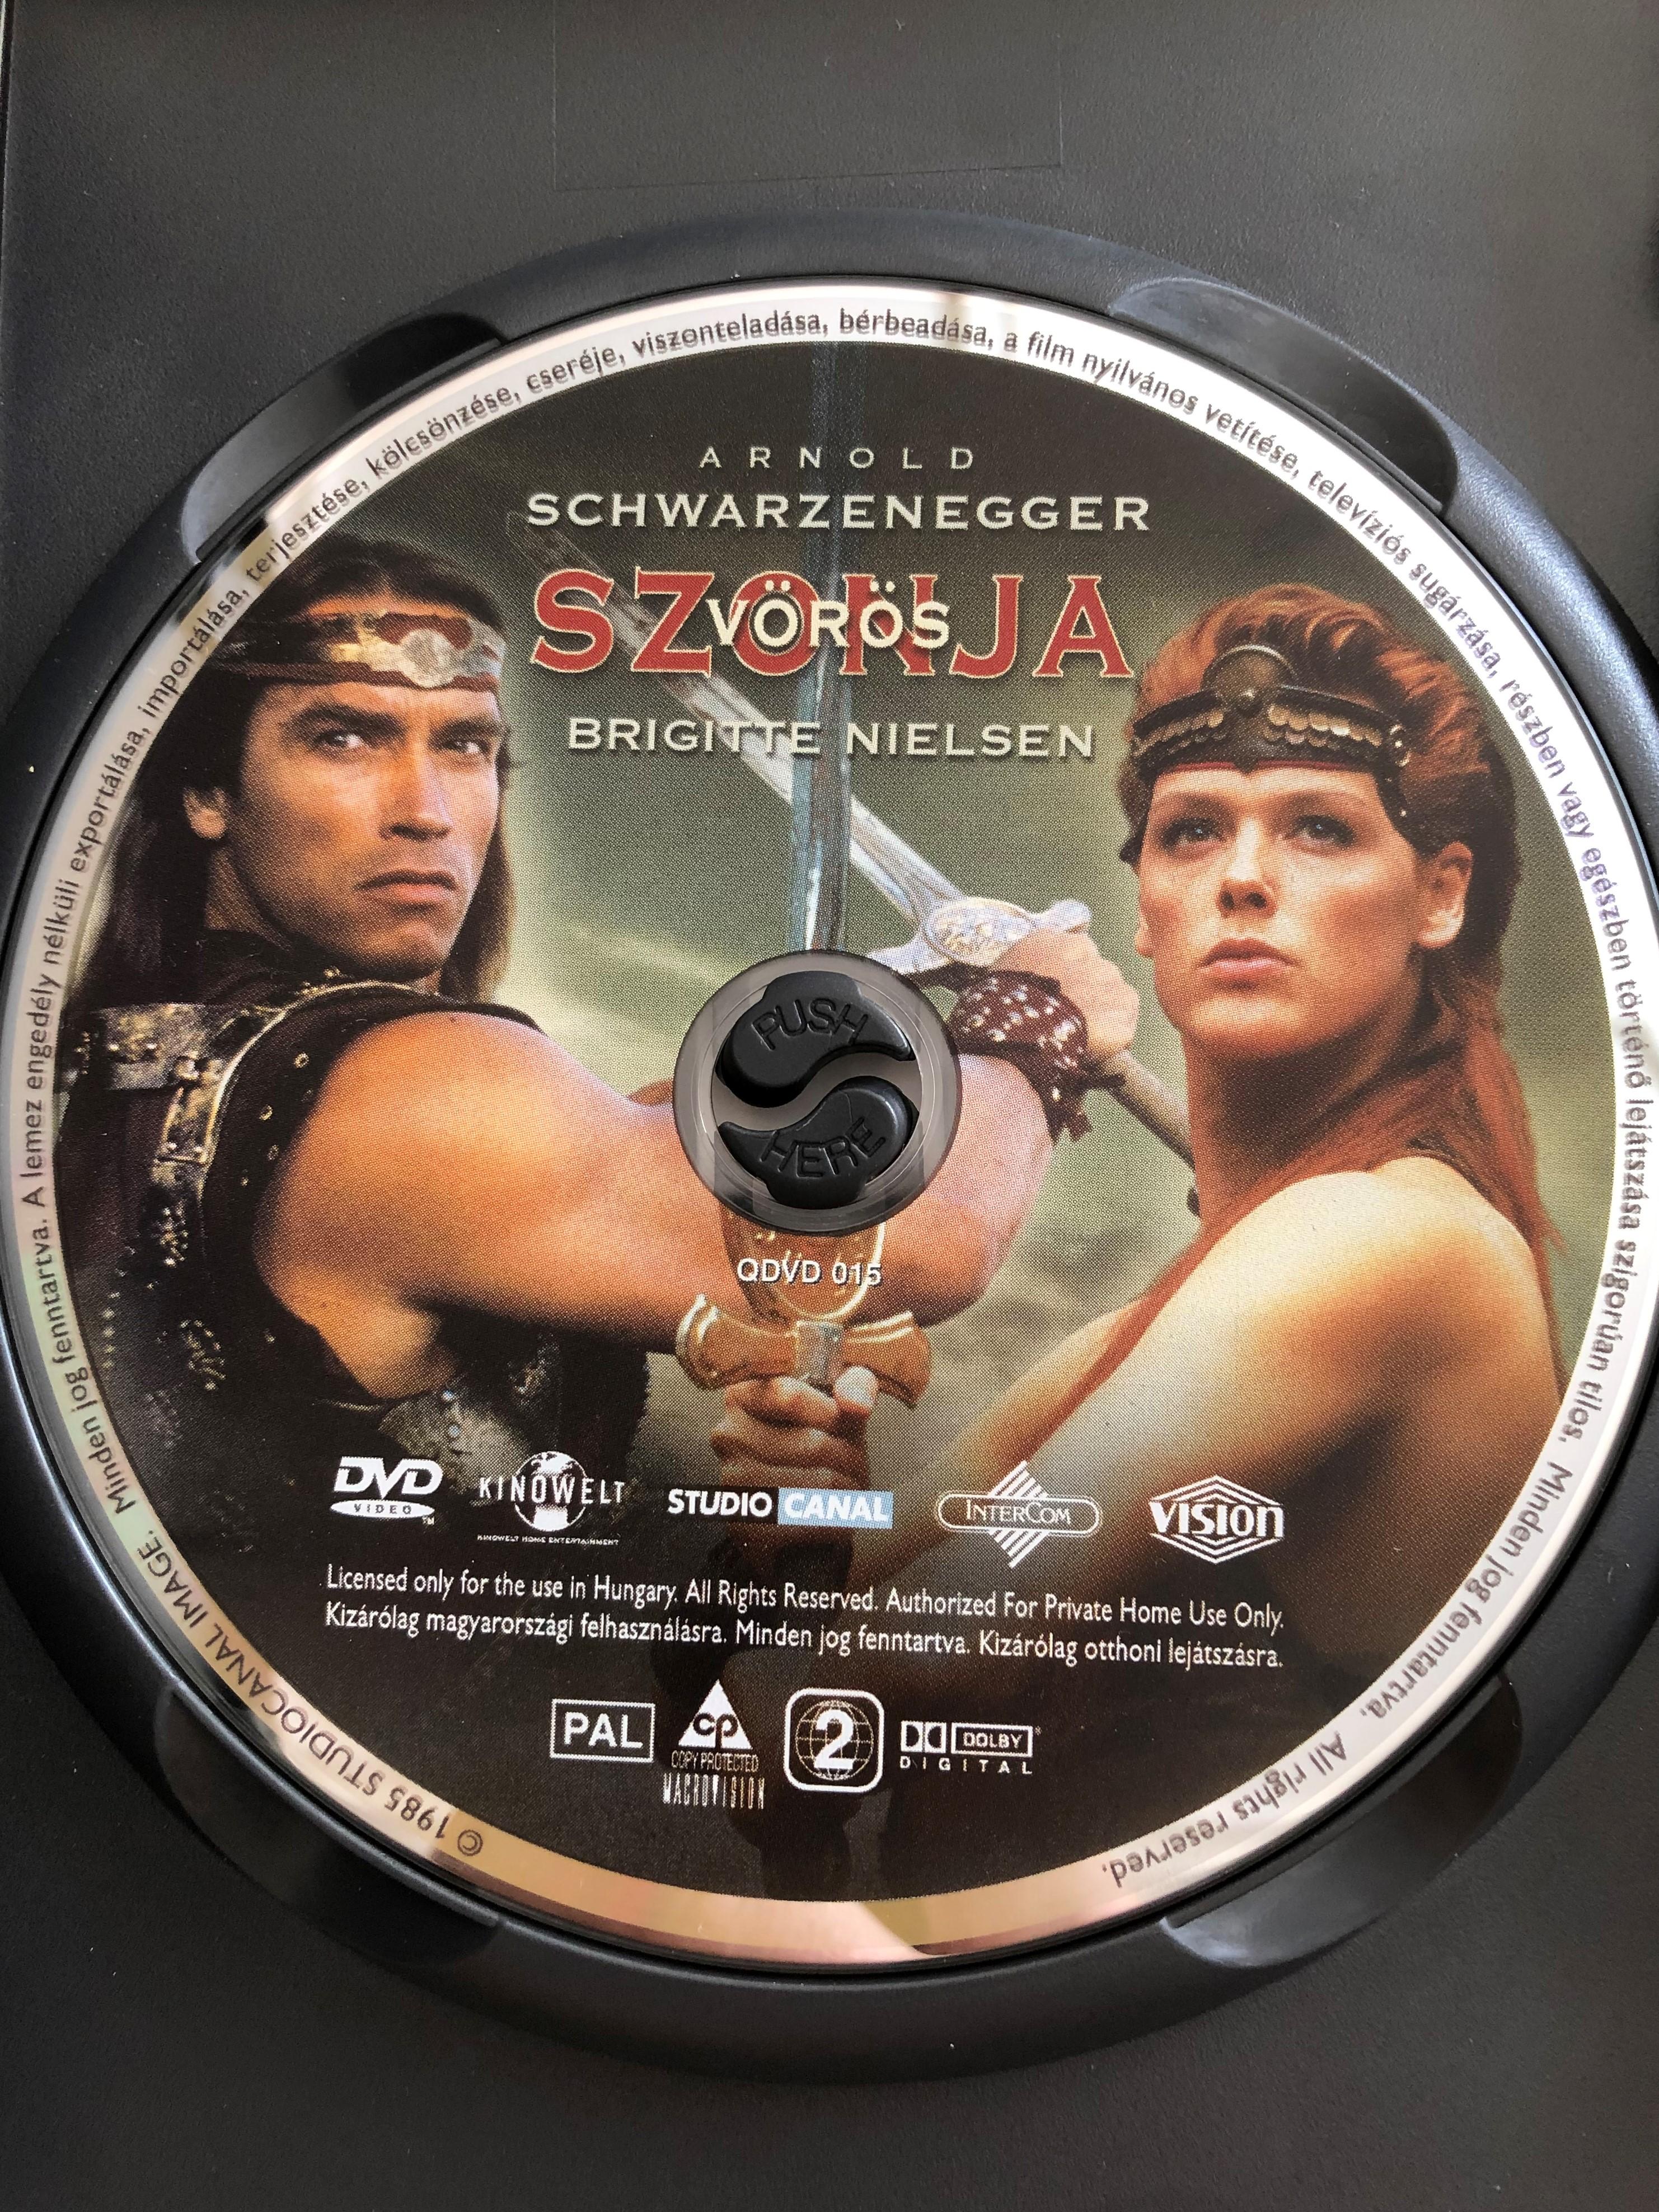 red-sonja-dvd-1985-v-r-s-szonya-directed-by-richard-fleischer-starring-arnold-schwarzenegger-brigitte-nielsen-2-.jpg